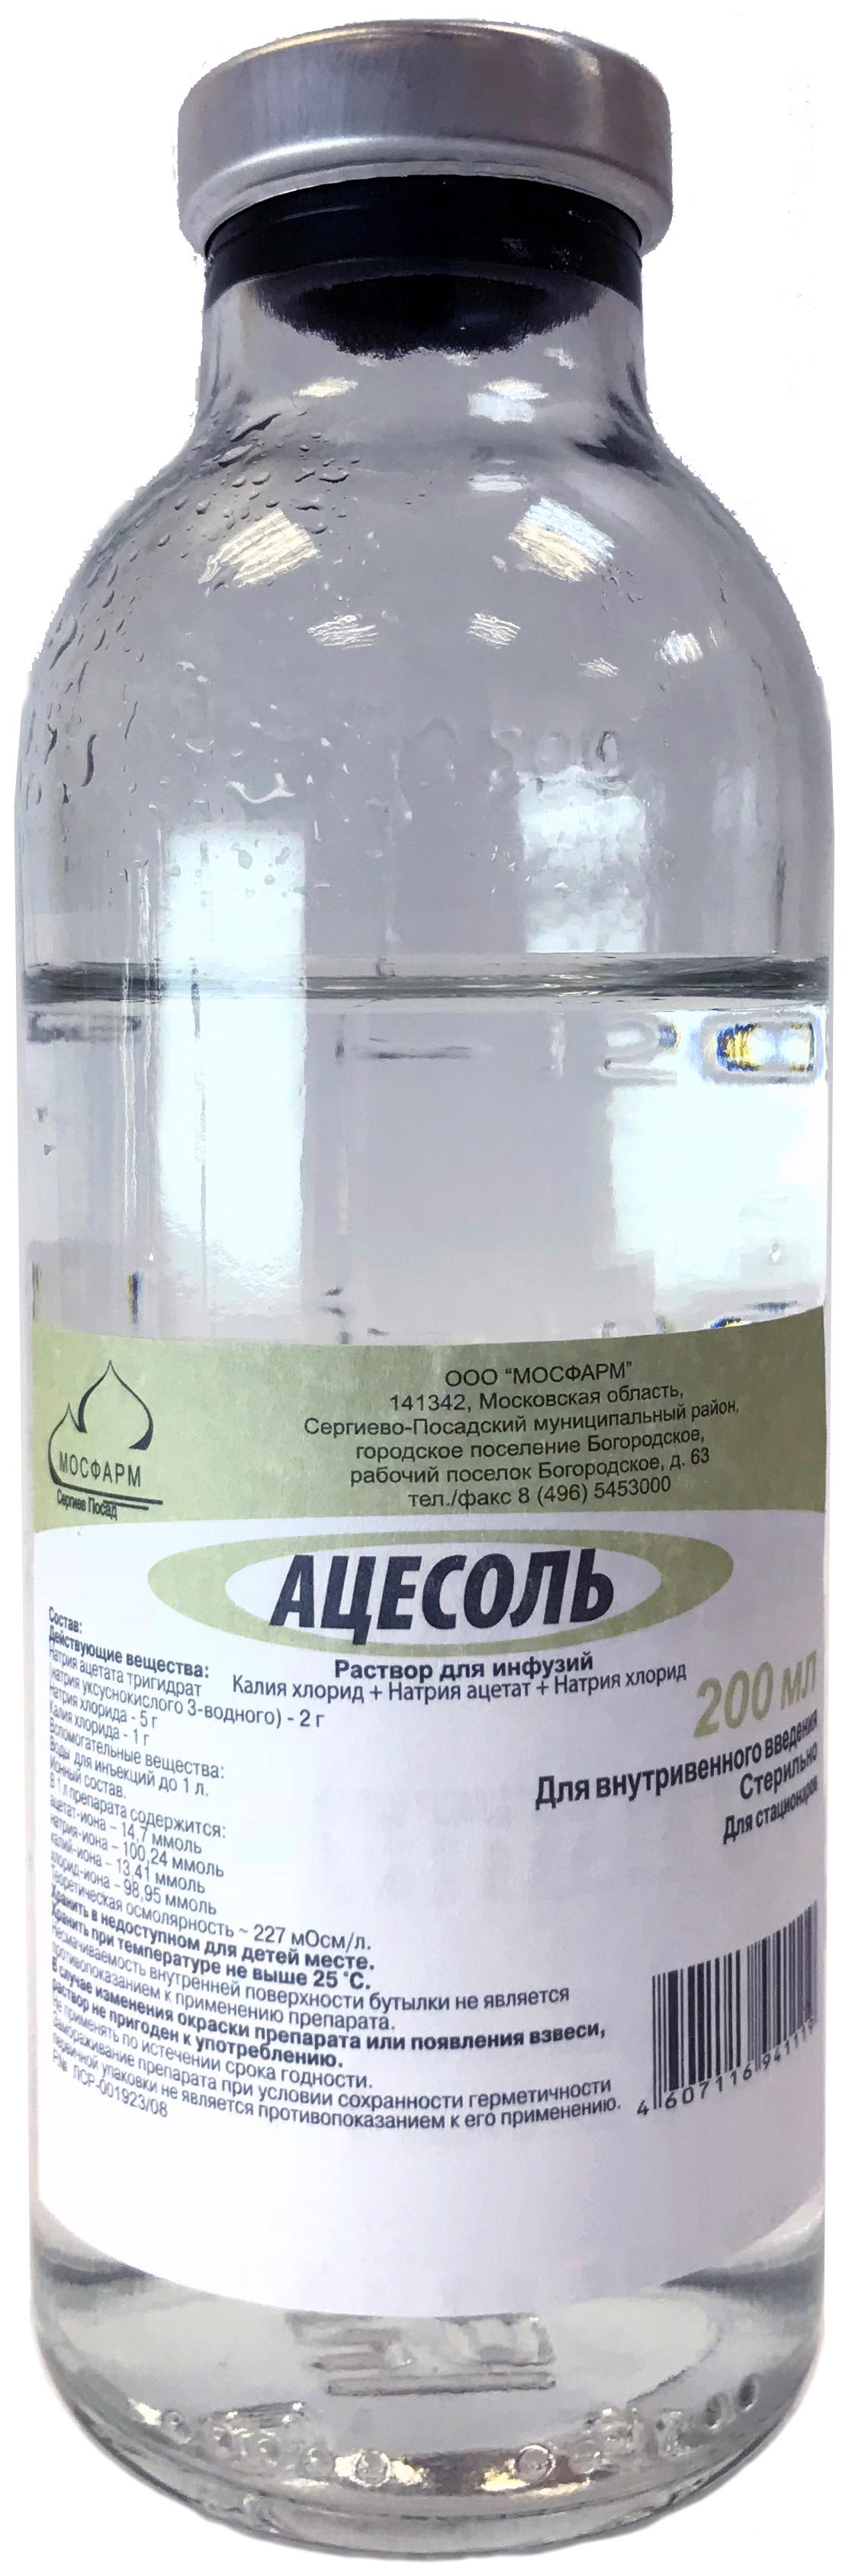 АЦЕСОЛЬ 200мл раствор для инфузий Мосфарм